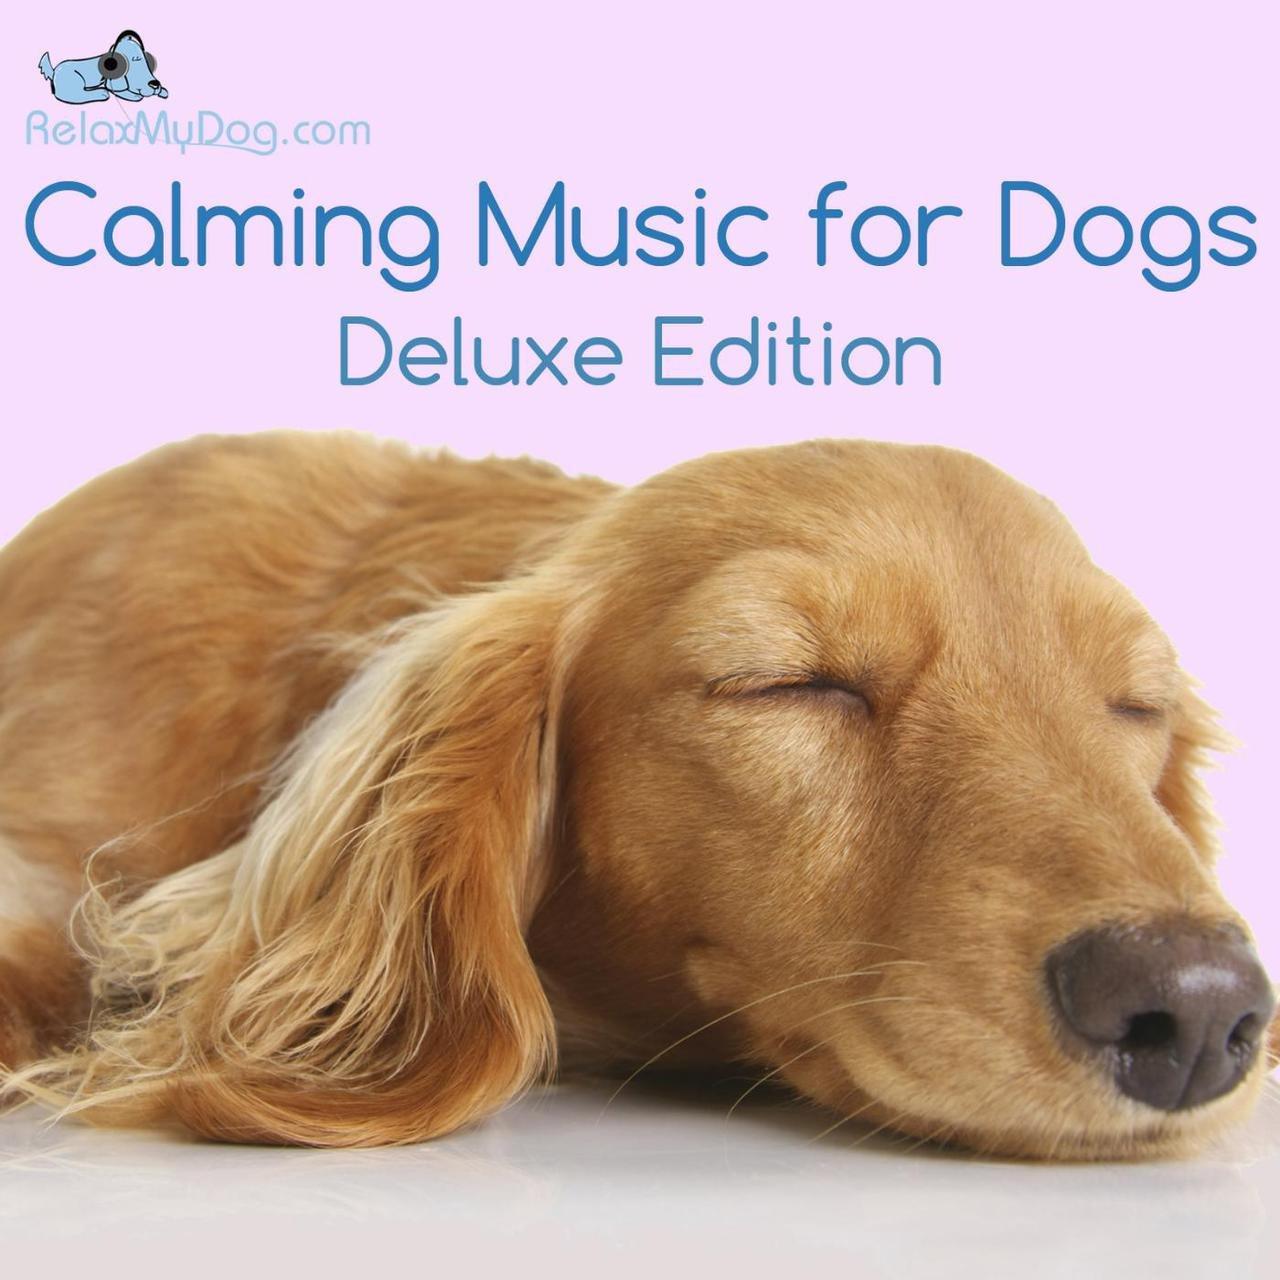 Fullsize Of Calming Music For Dogs